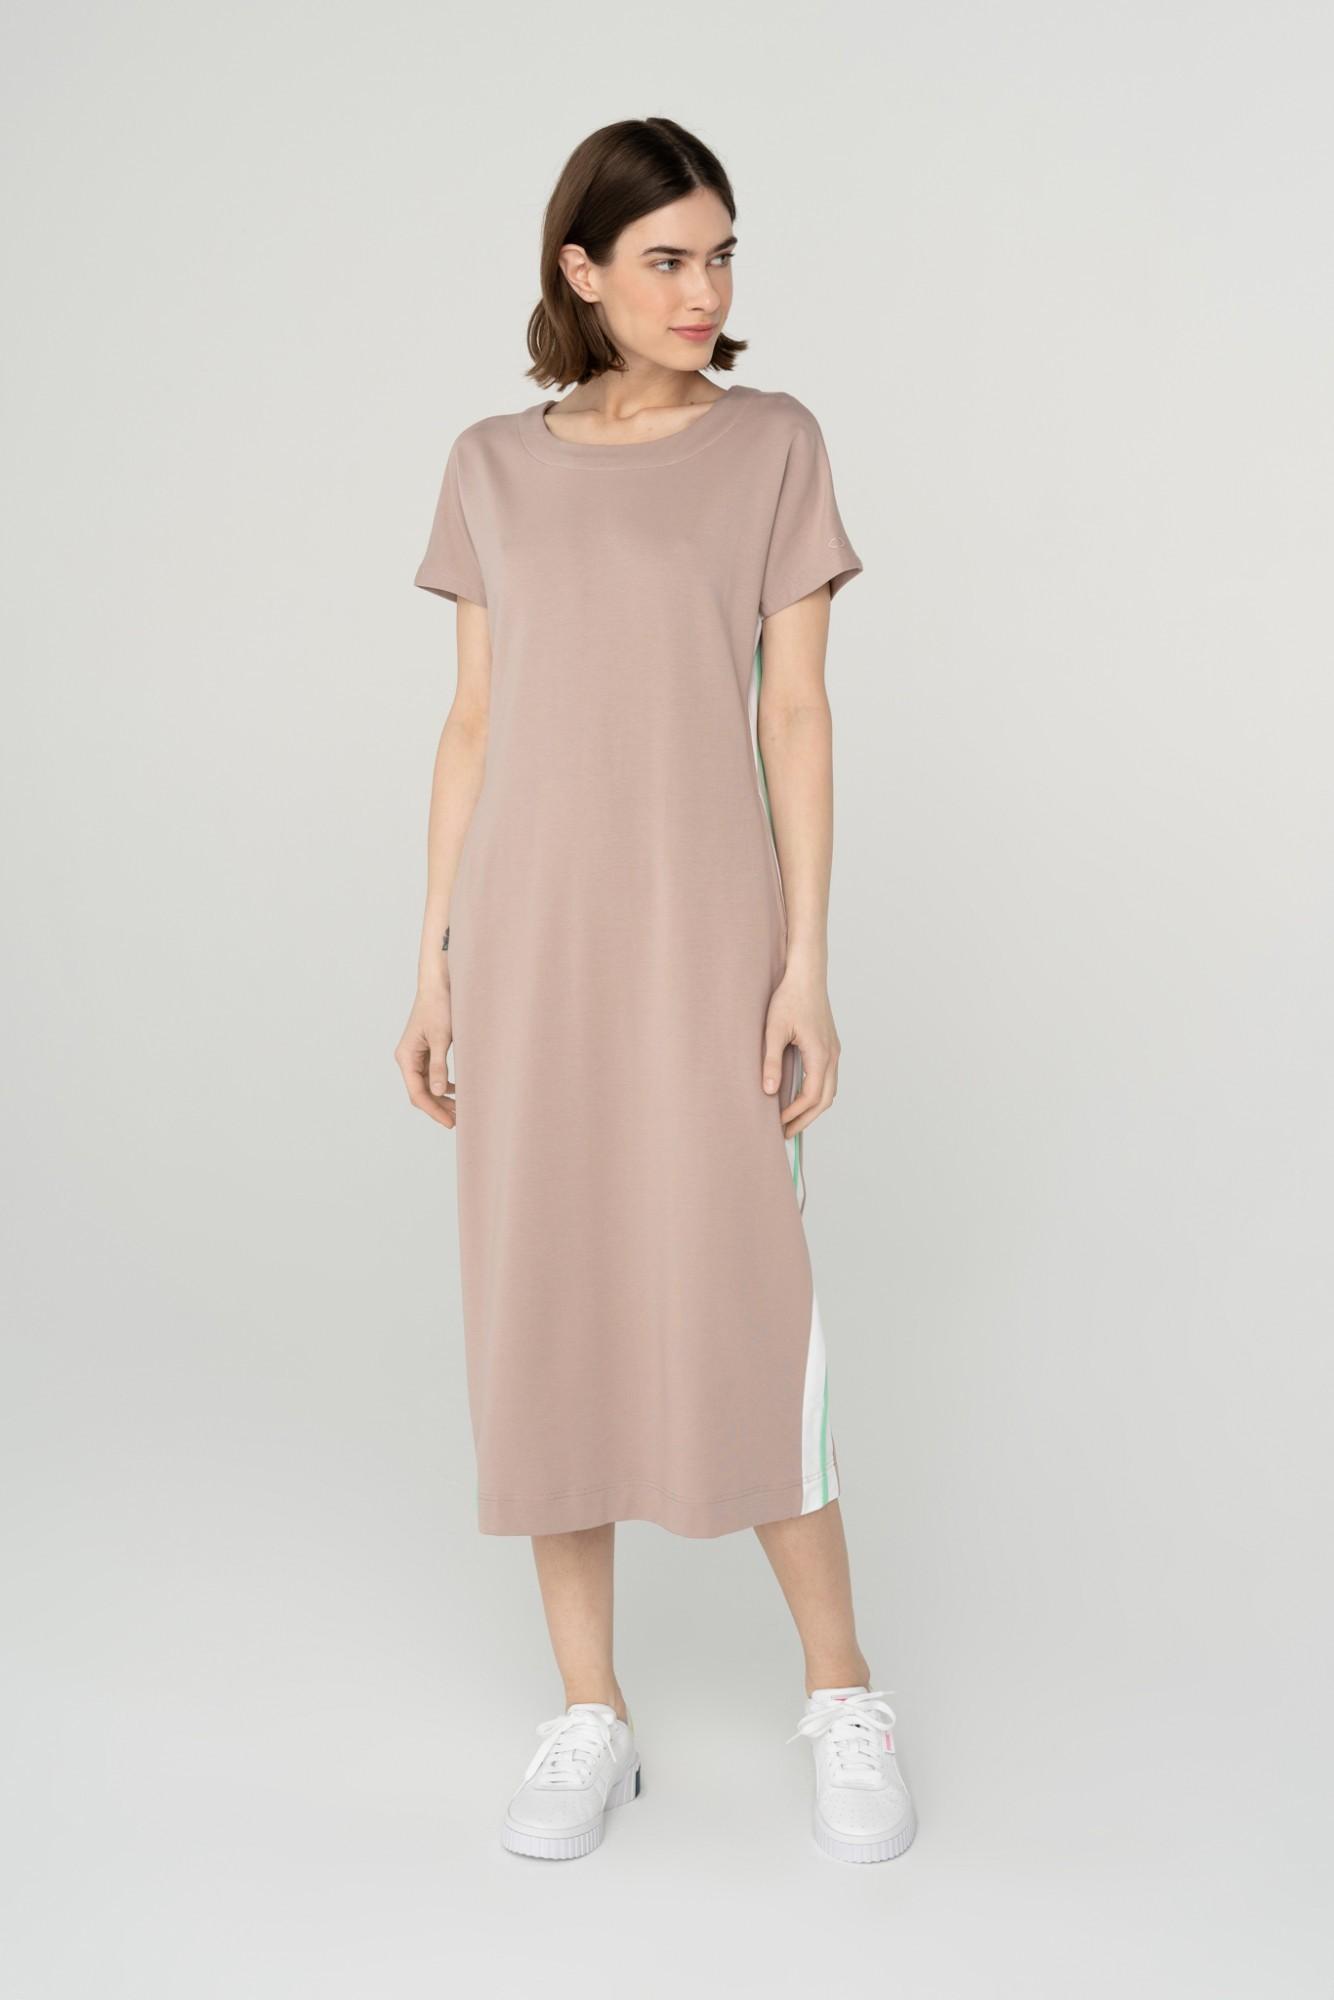 AUDIMAS Ilga švelni modalo suknelė 2111-104 Bark XL